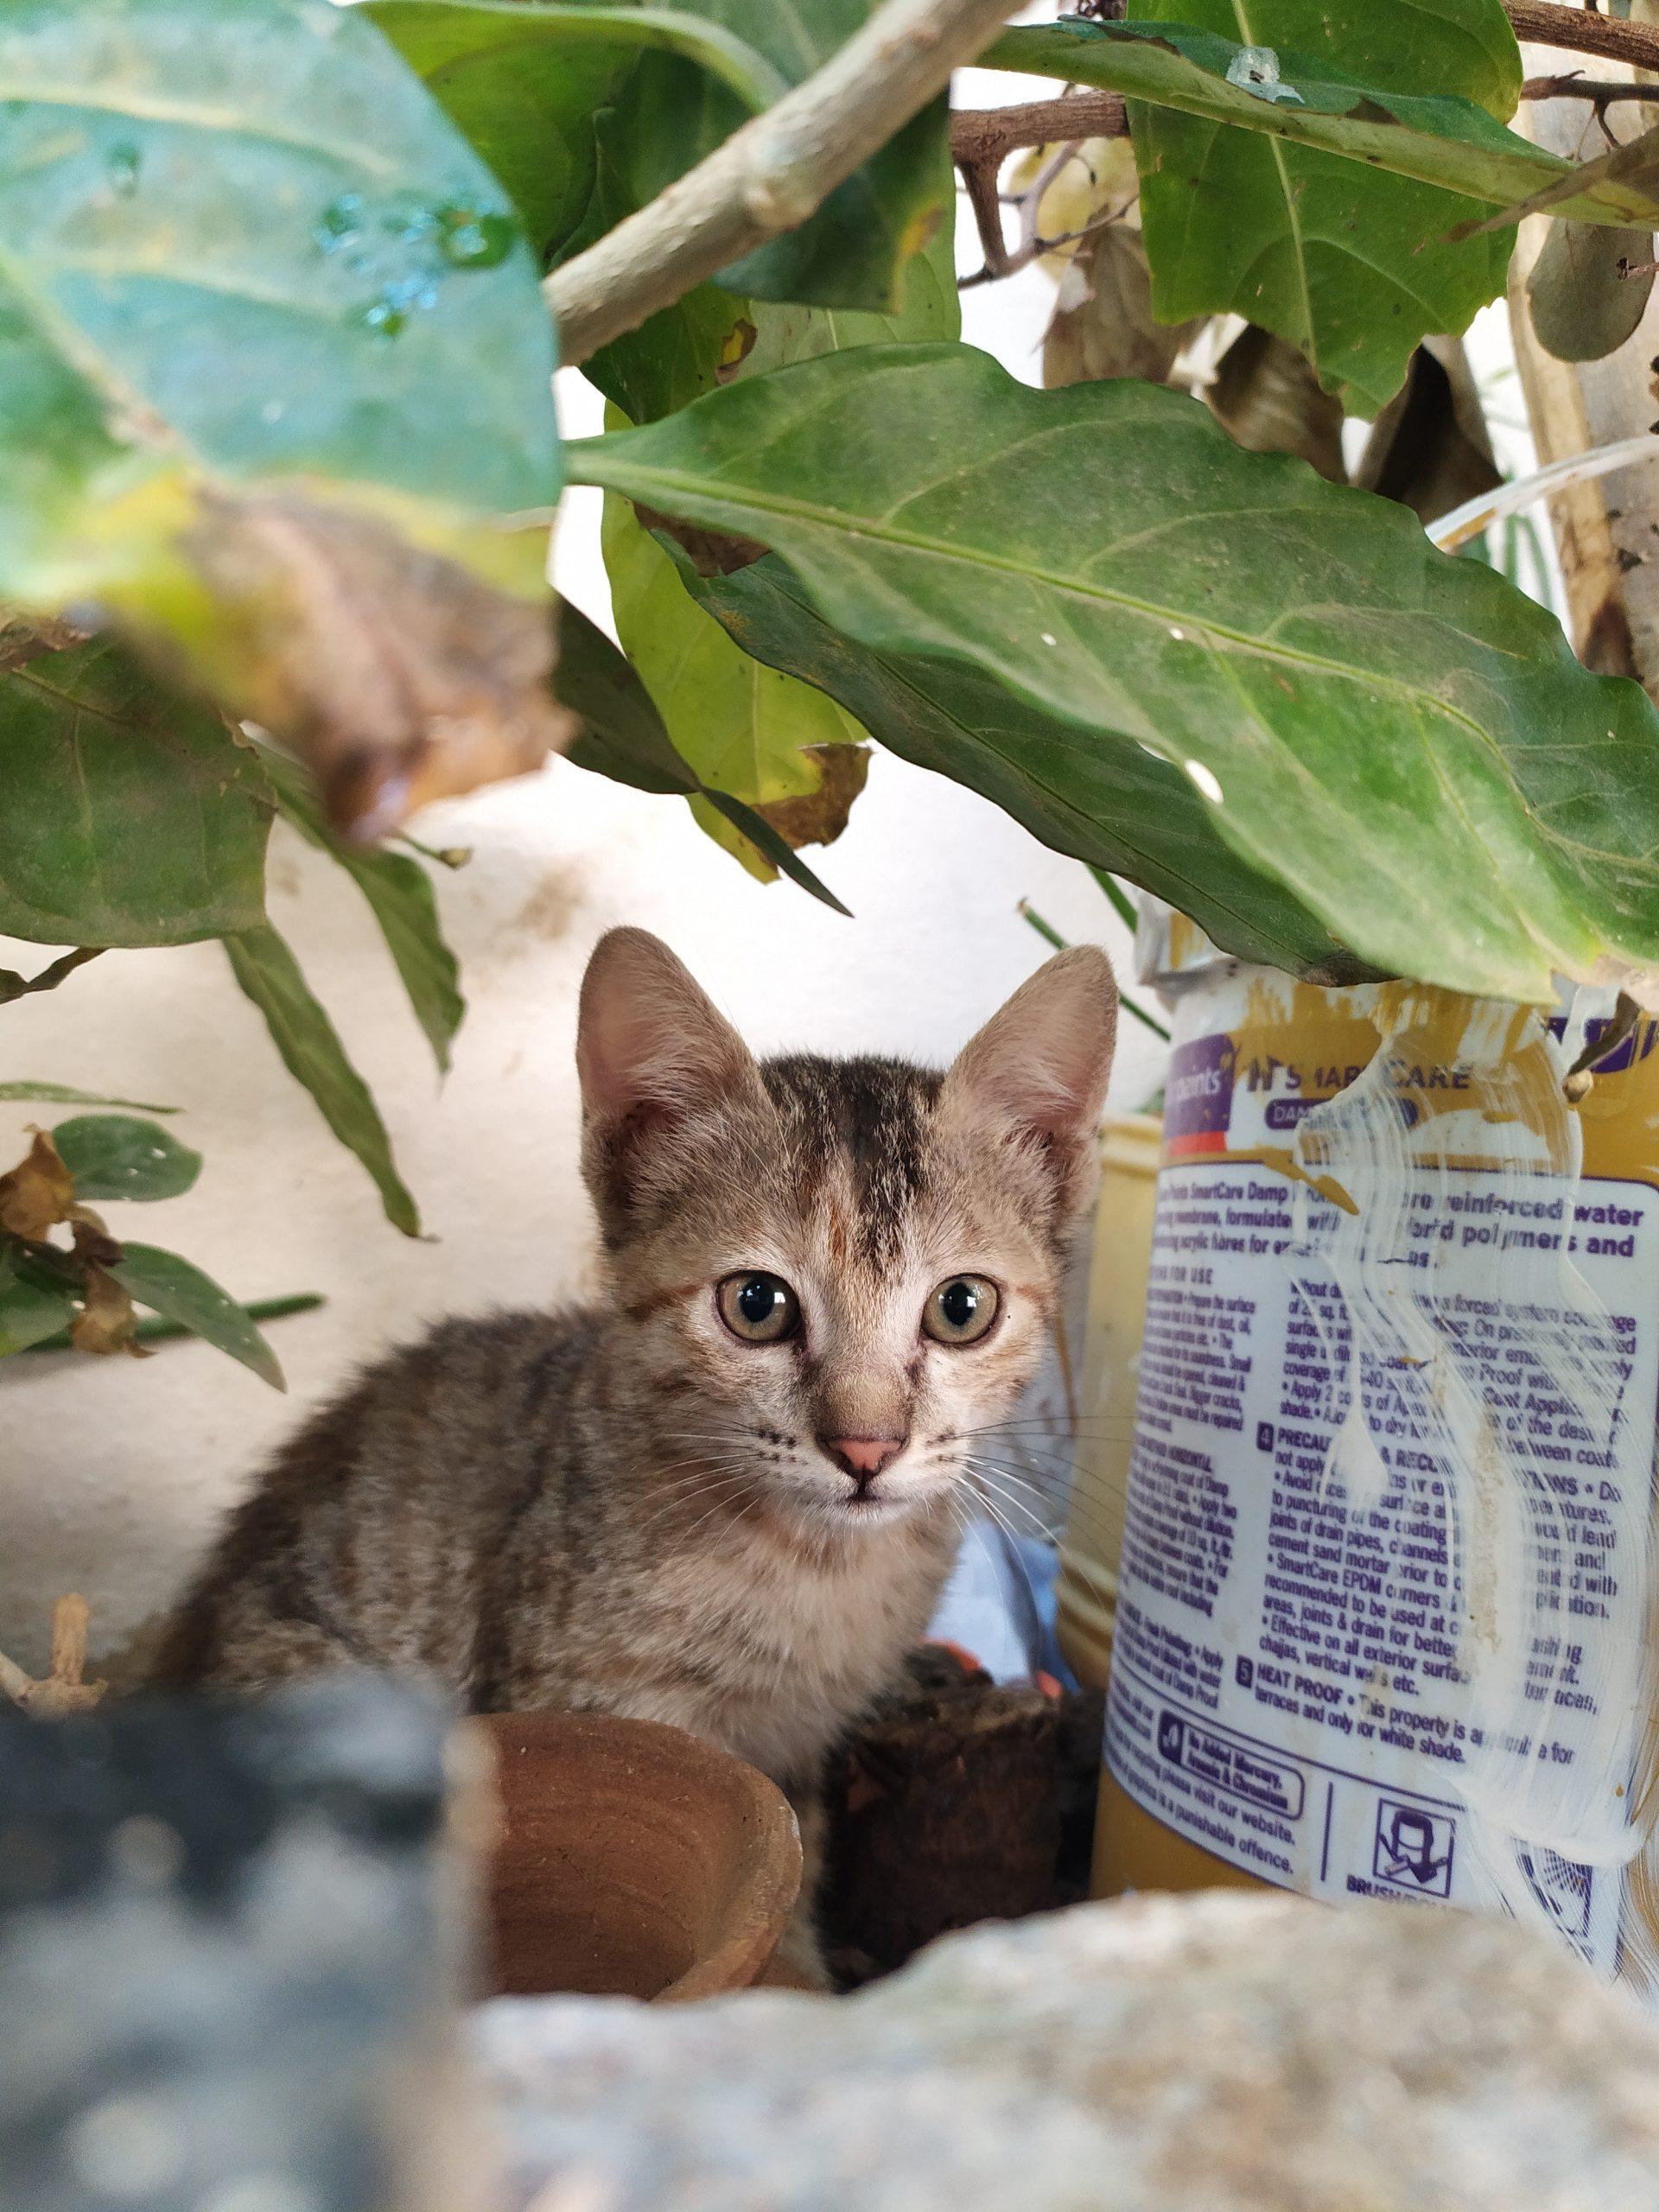 Kitten near plant pot